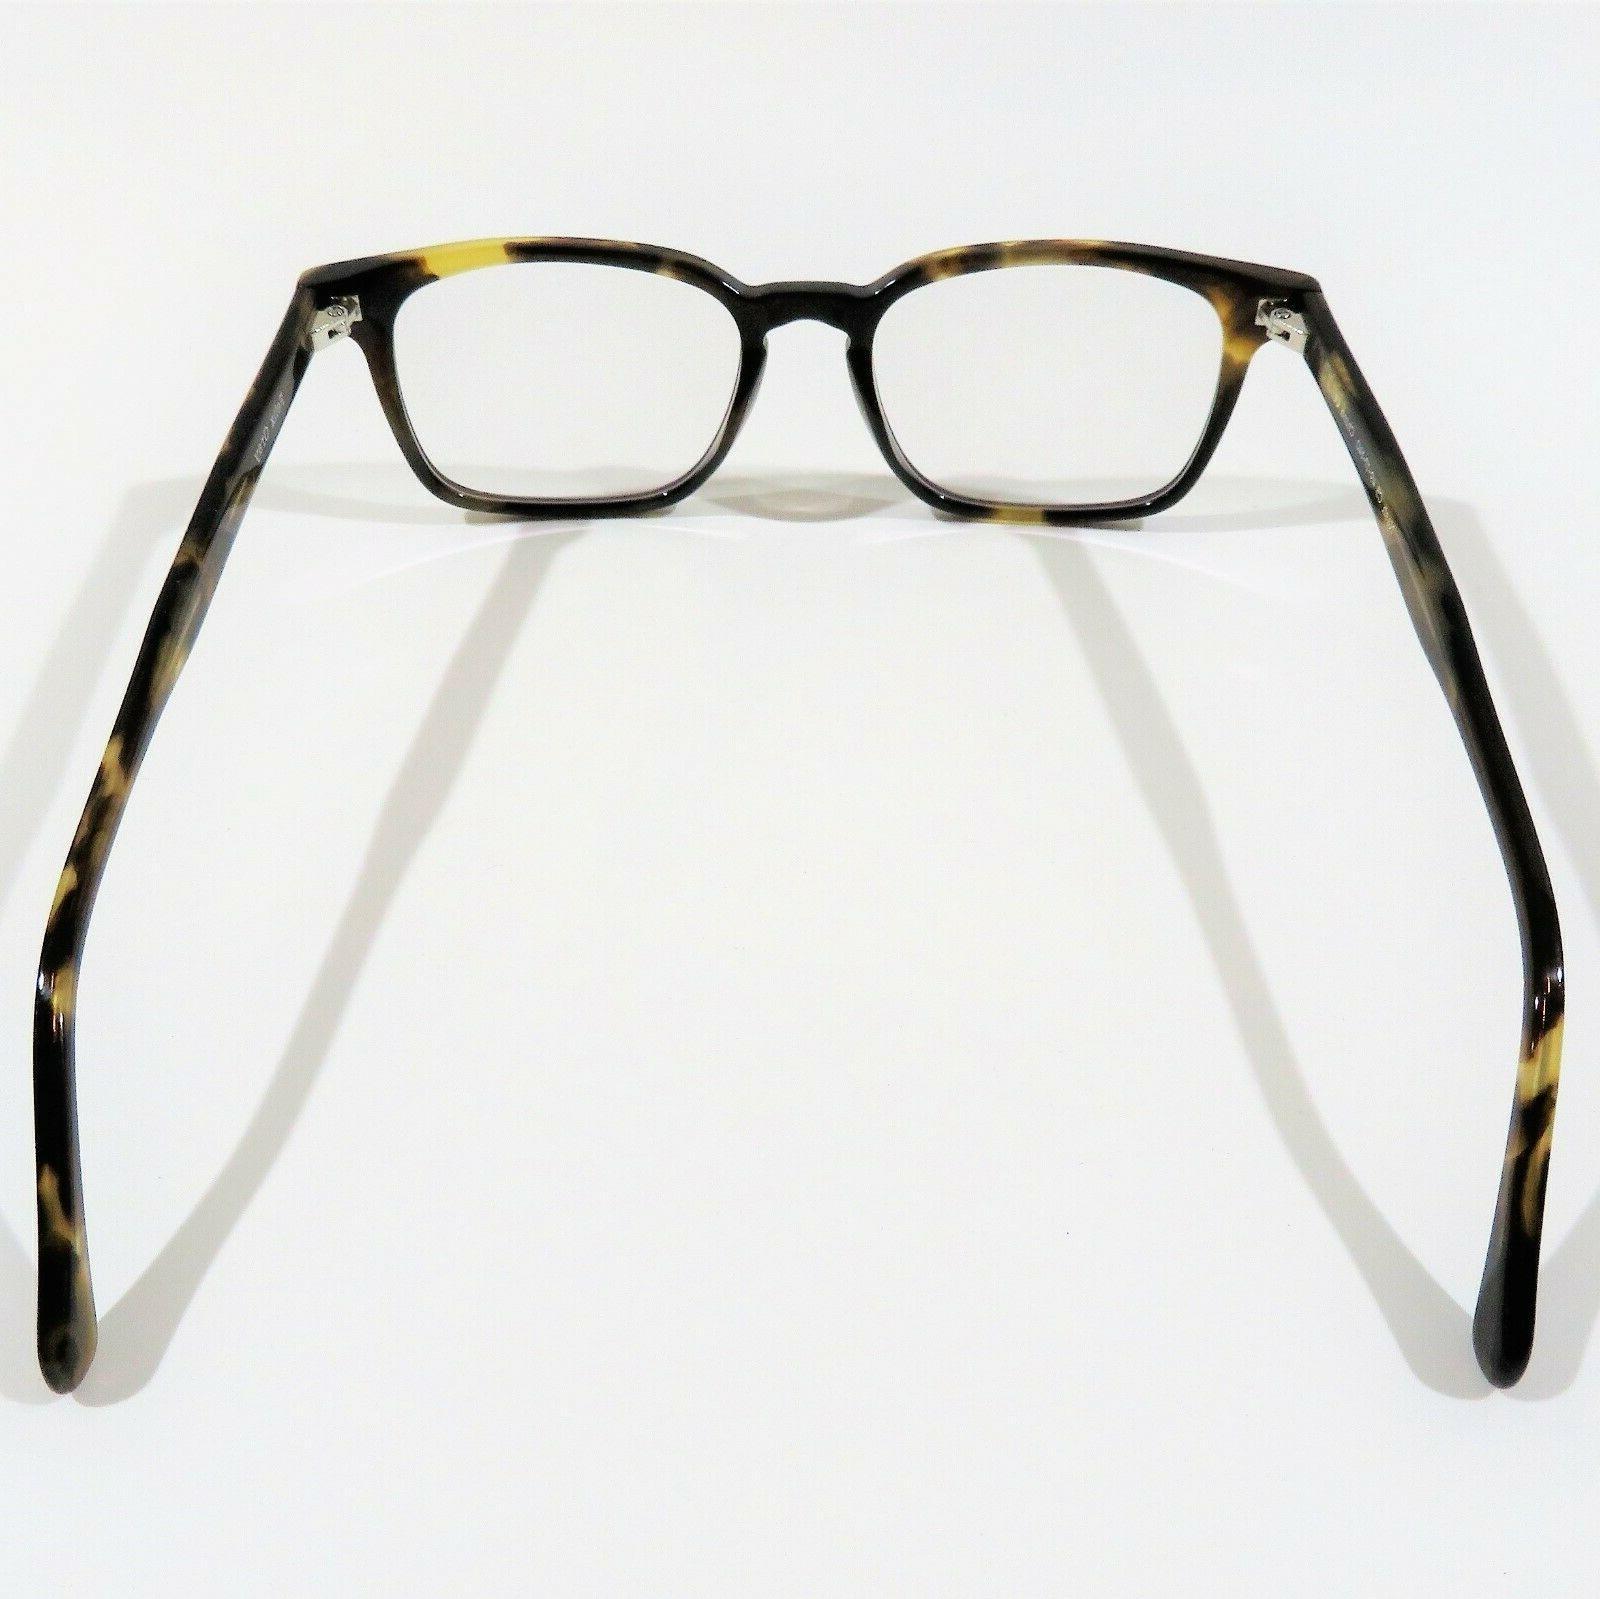 New FELIX Eyeglasses Frame NASH Whiskey